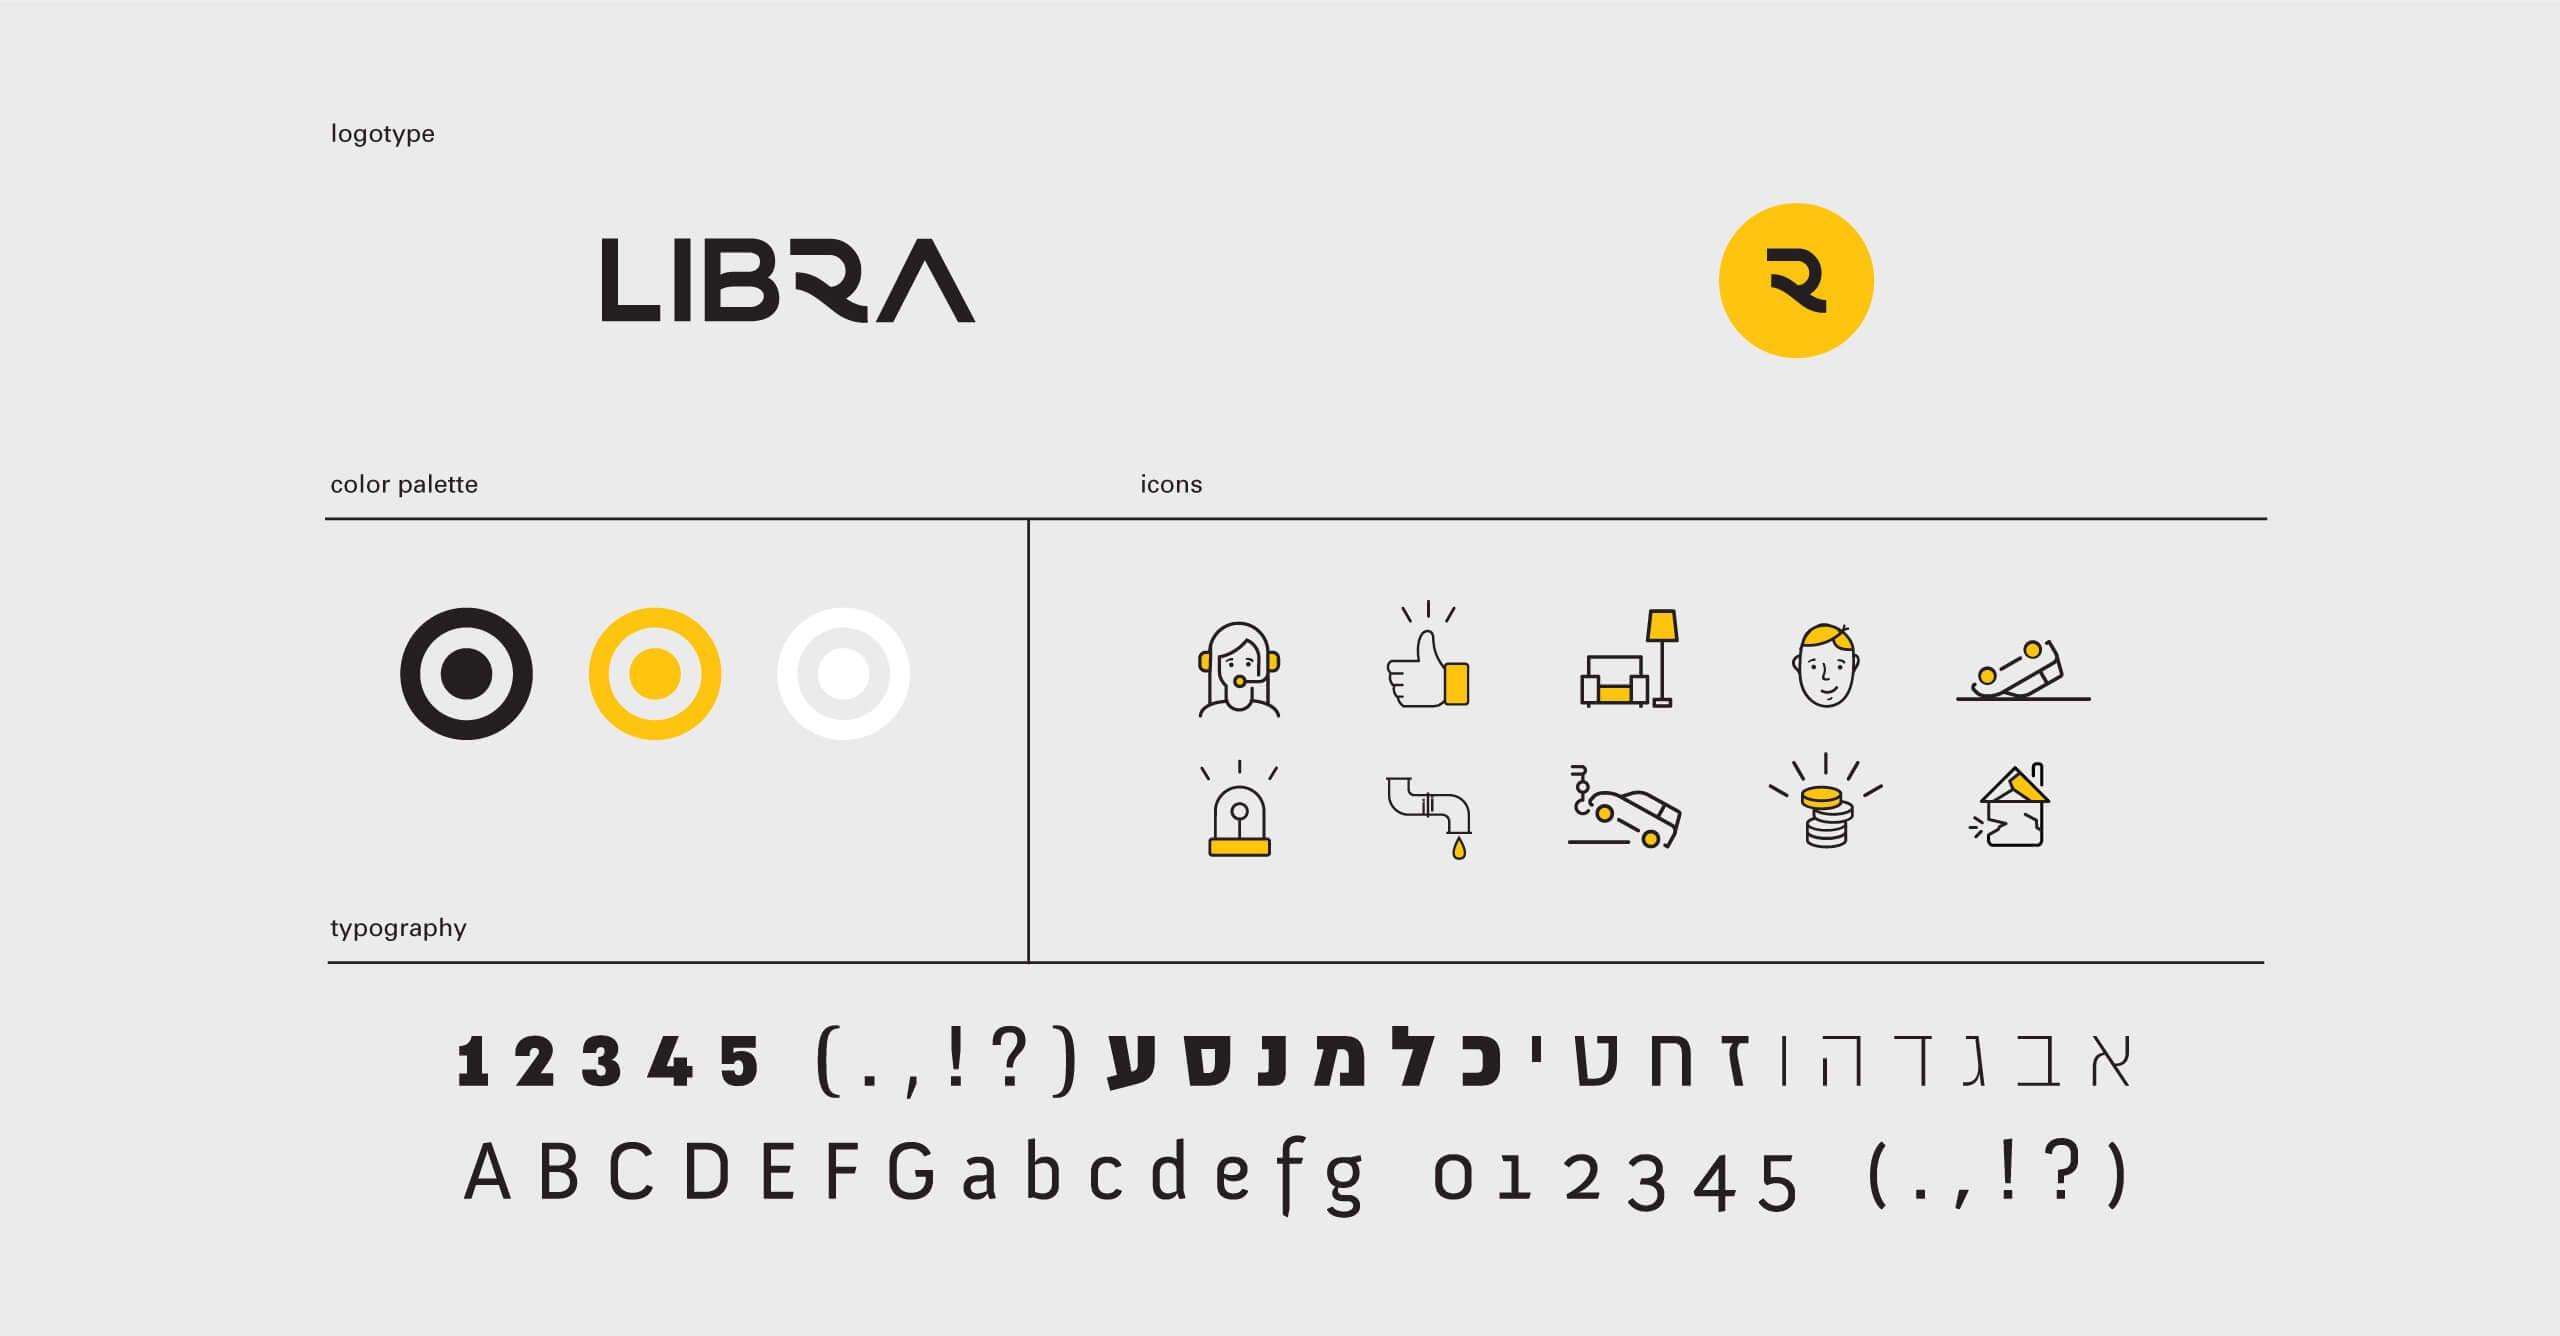 libra_2560x1336_10